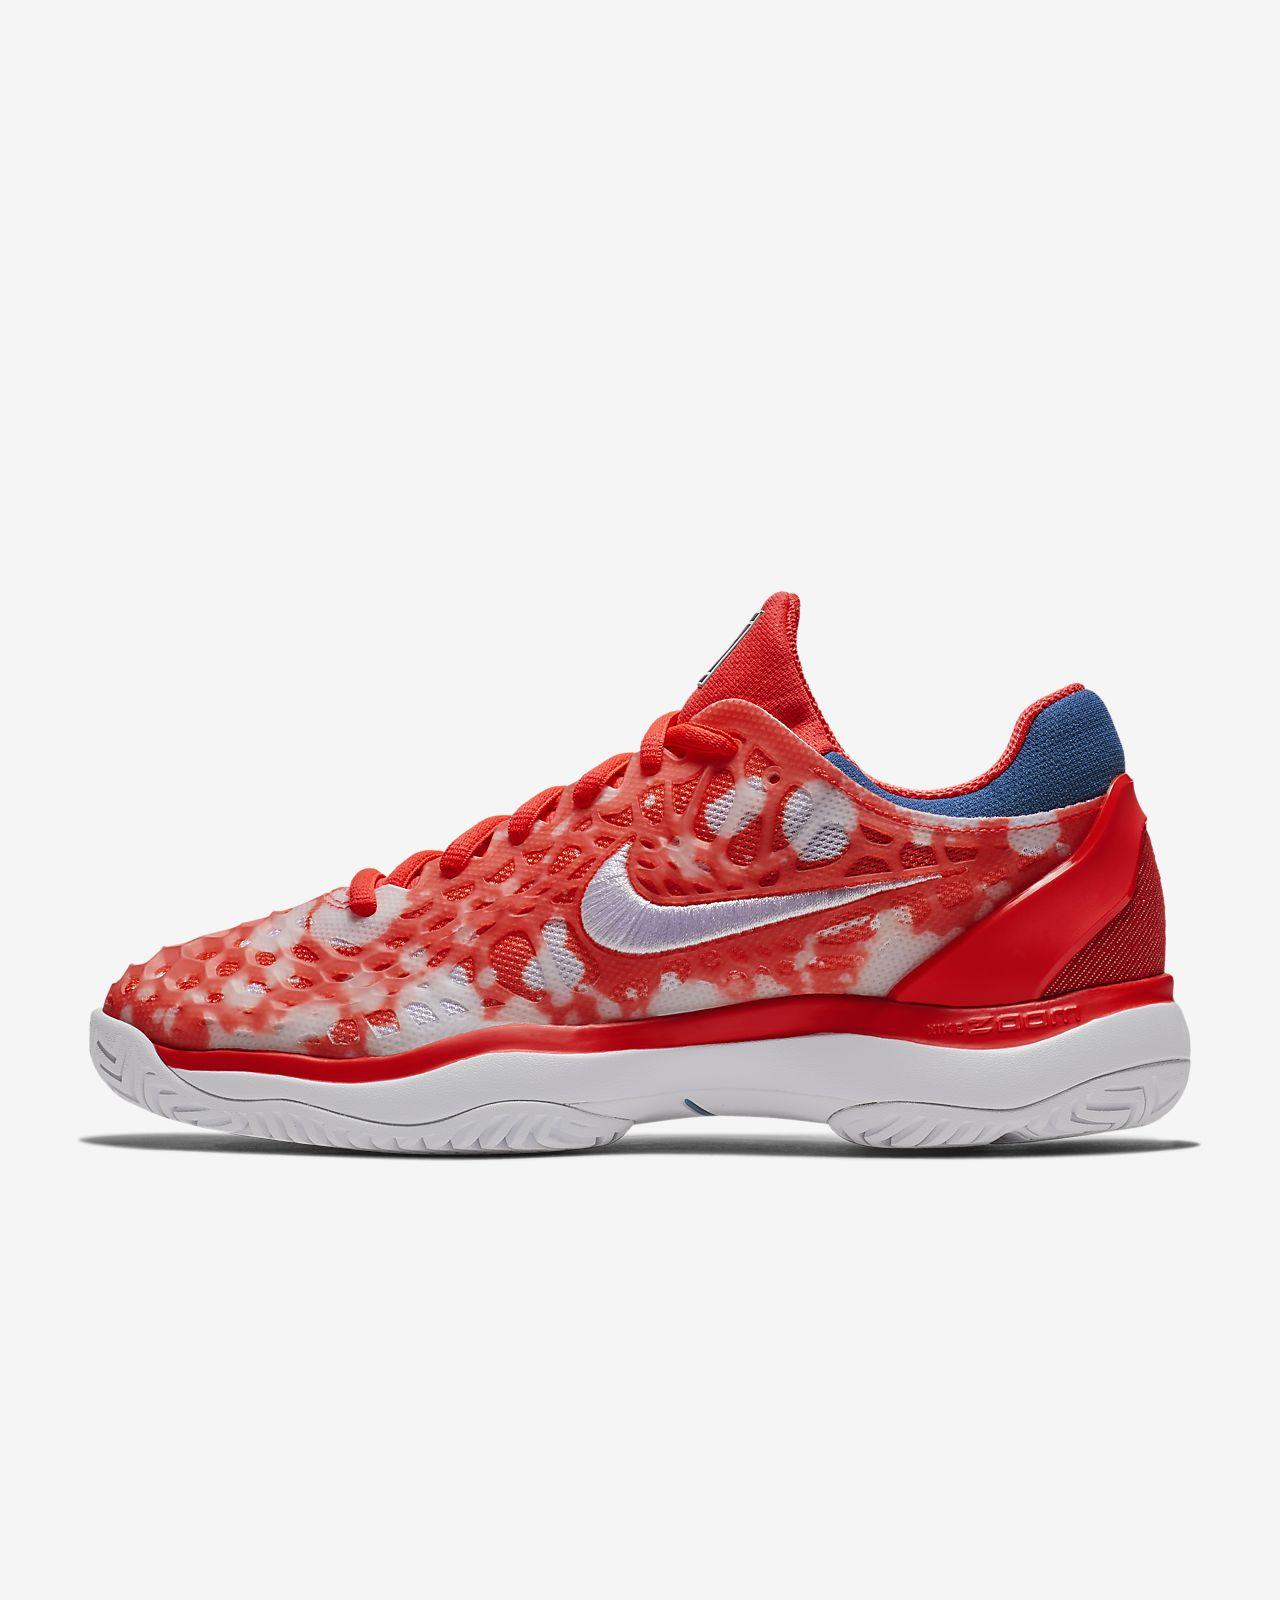 Chaussure de tennis NikeCourt Air Zoom Cage 3 Premium pour Femme